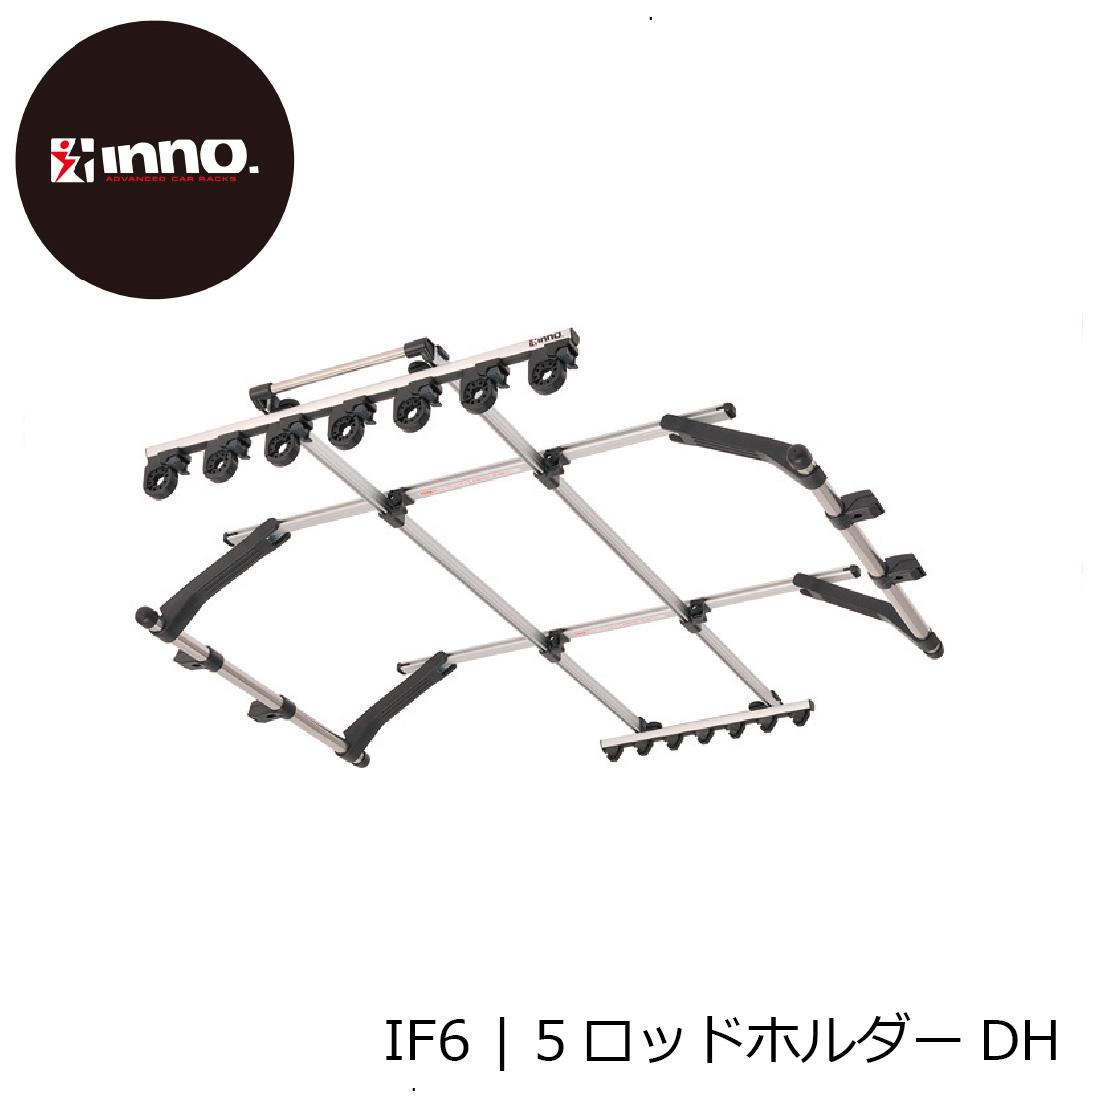 INNO IF6 | 5ロッドホルダーDH | フィッシングINNO FIRSTSTRIKE フィッシング カーメイト ロッドホルダー イノー